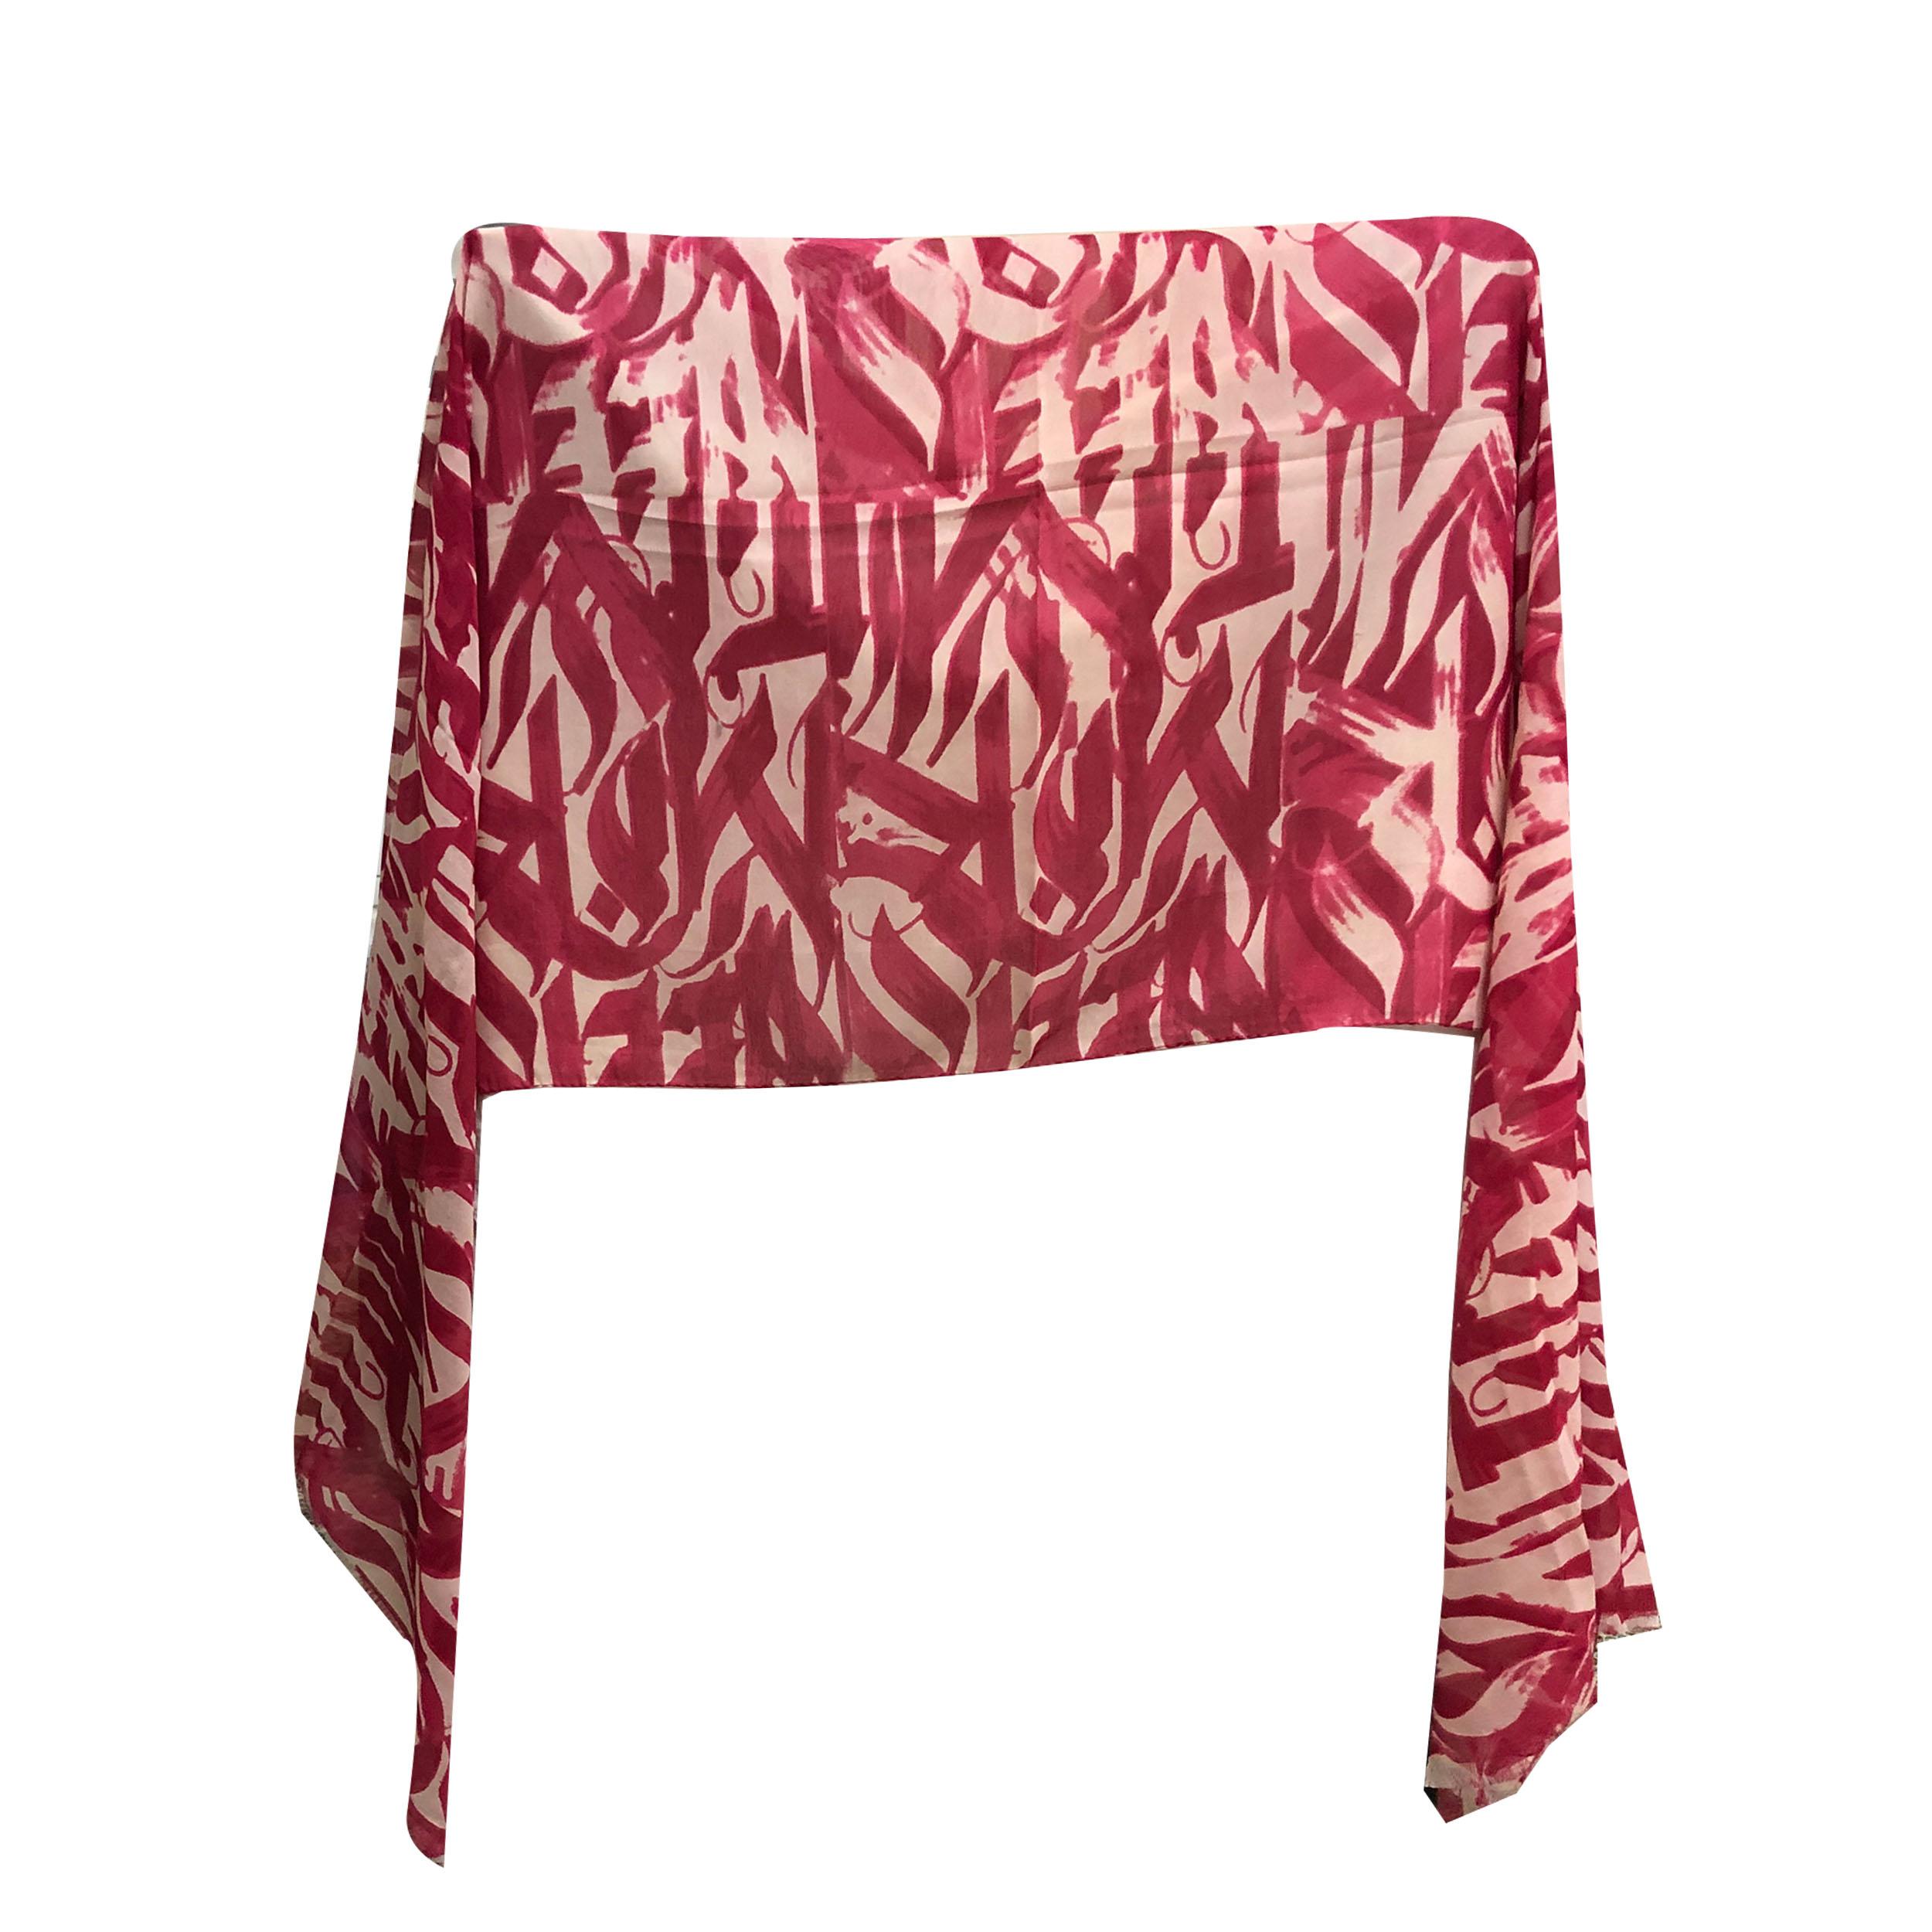 شال زنانه شاین نخی ریشه دار کد 10004